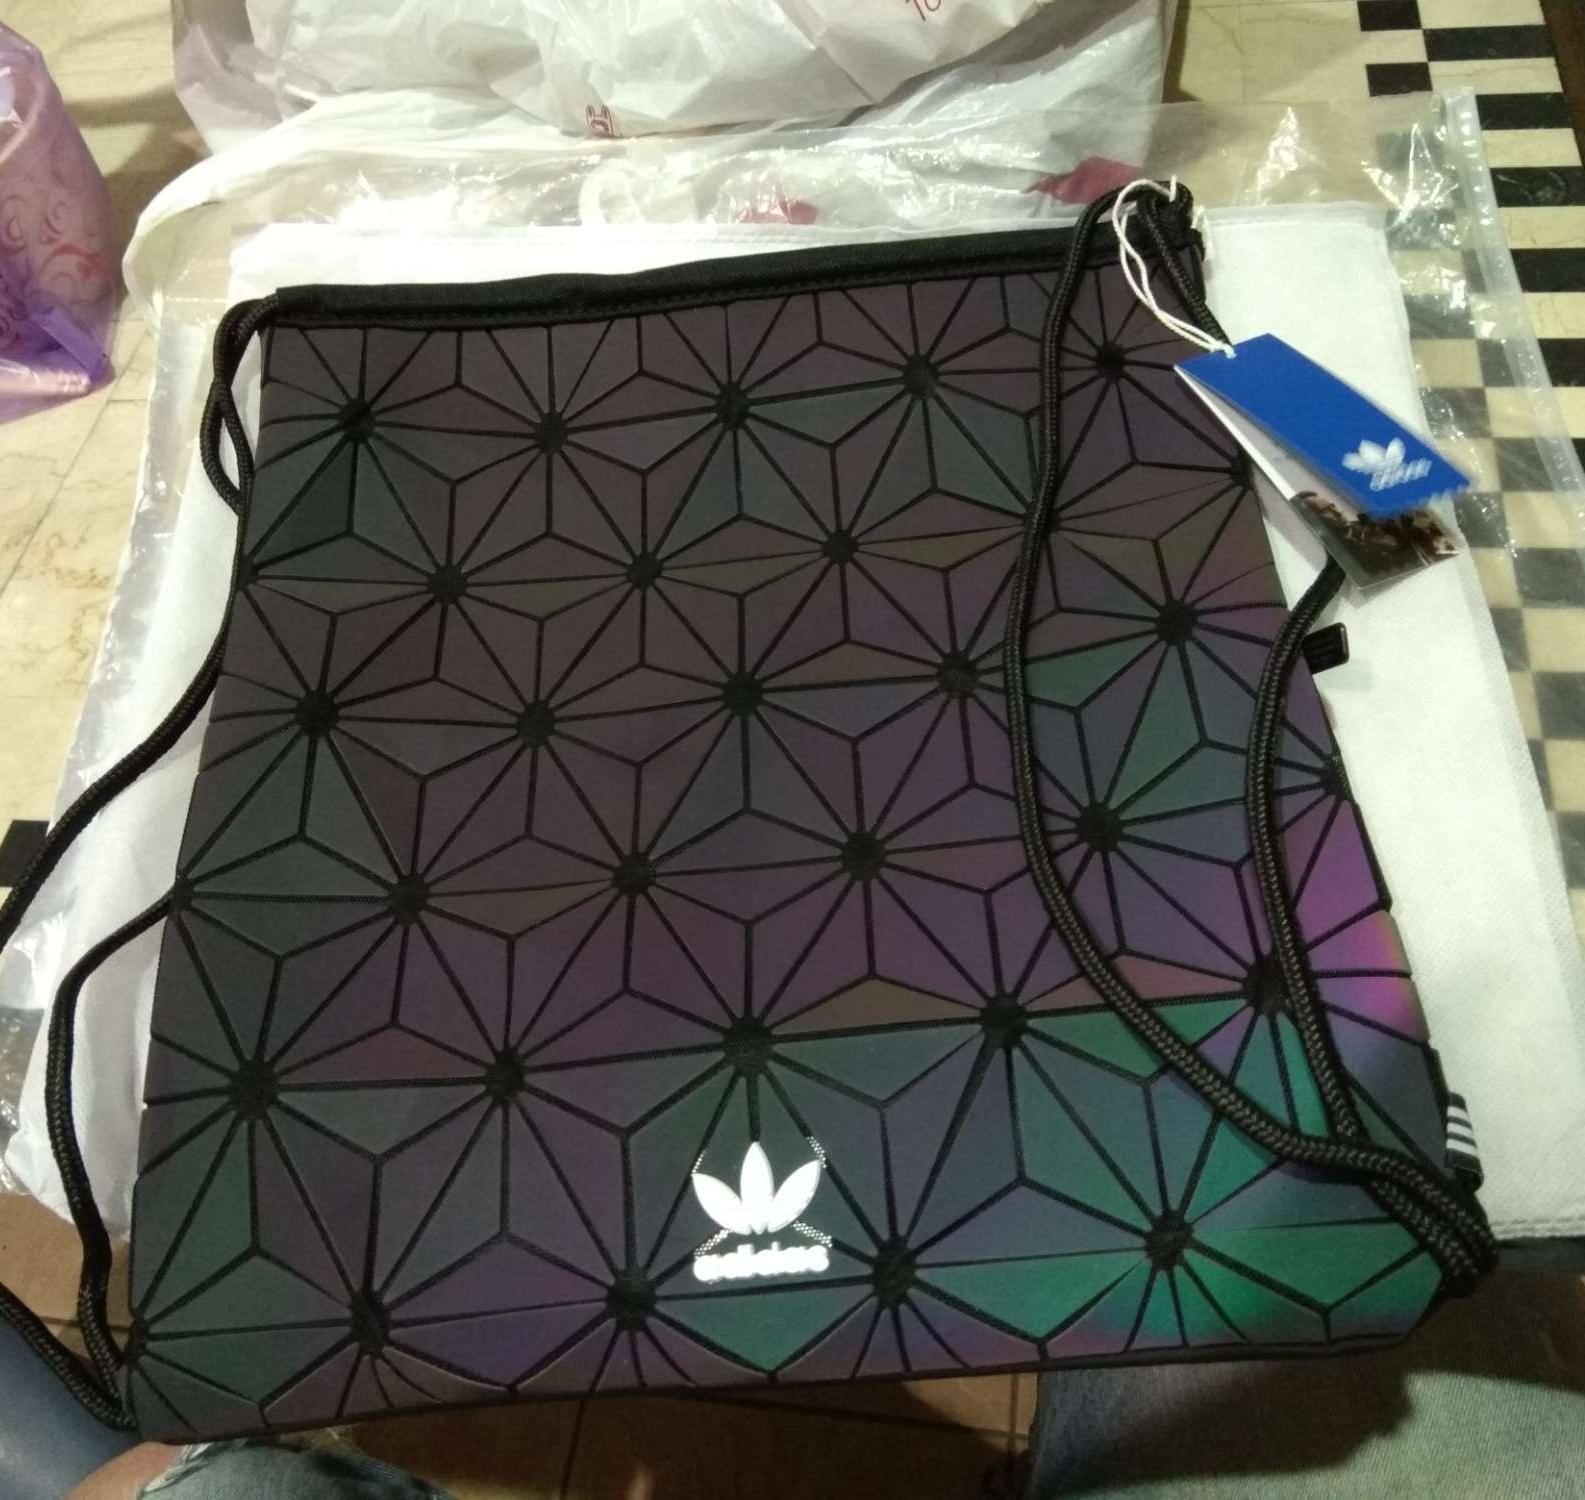 a7419ef57600 Adidas Rainbow Galaxy Issey Miyake Drawstring Bag